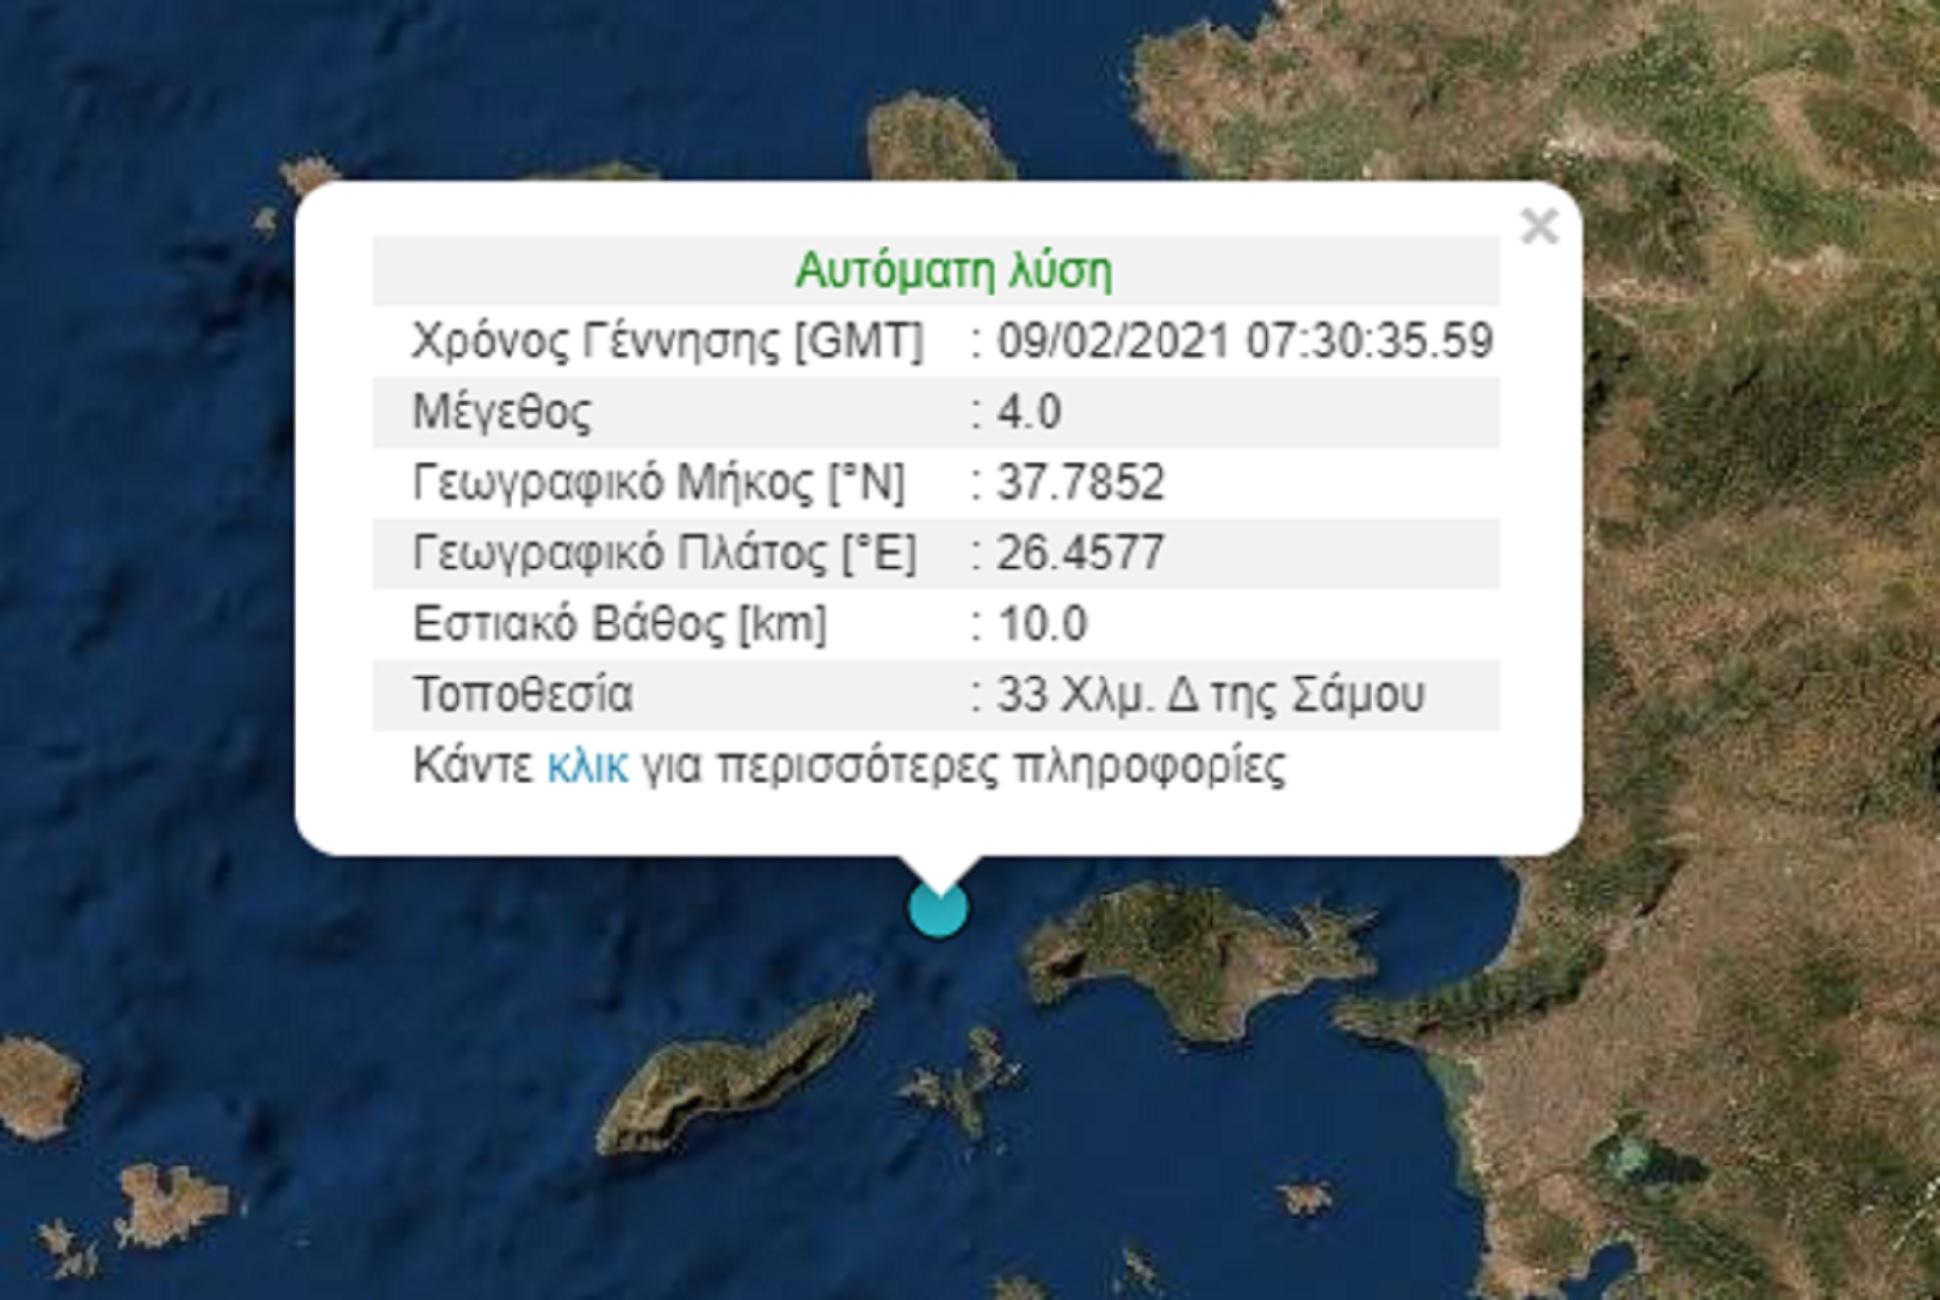 Σεισμός 4 Ρίχτερ αισθητός σε Σάμο και Ικαρία